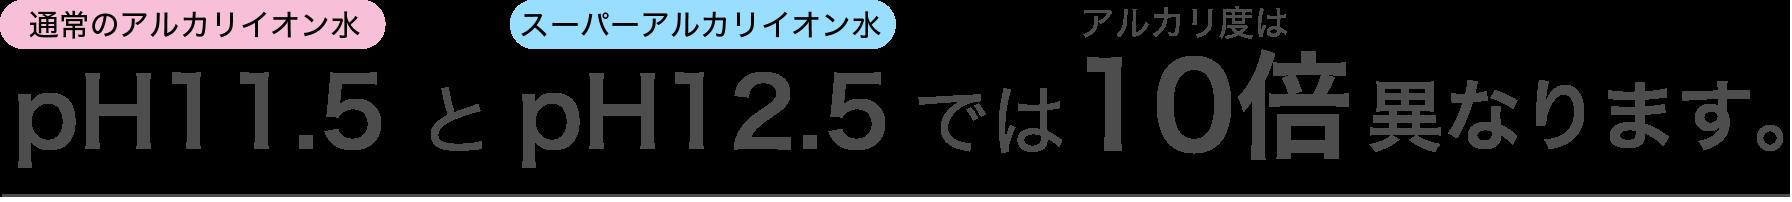 広島で販売・購入【スーパーアルカリイオン水】 pH11.5とpH12.5ではアルカリ度は10倍異なります。